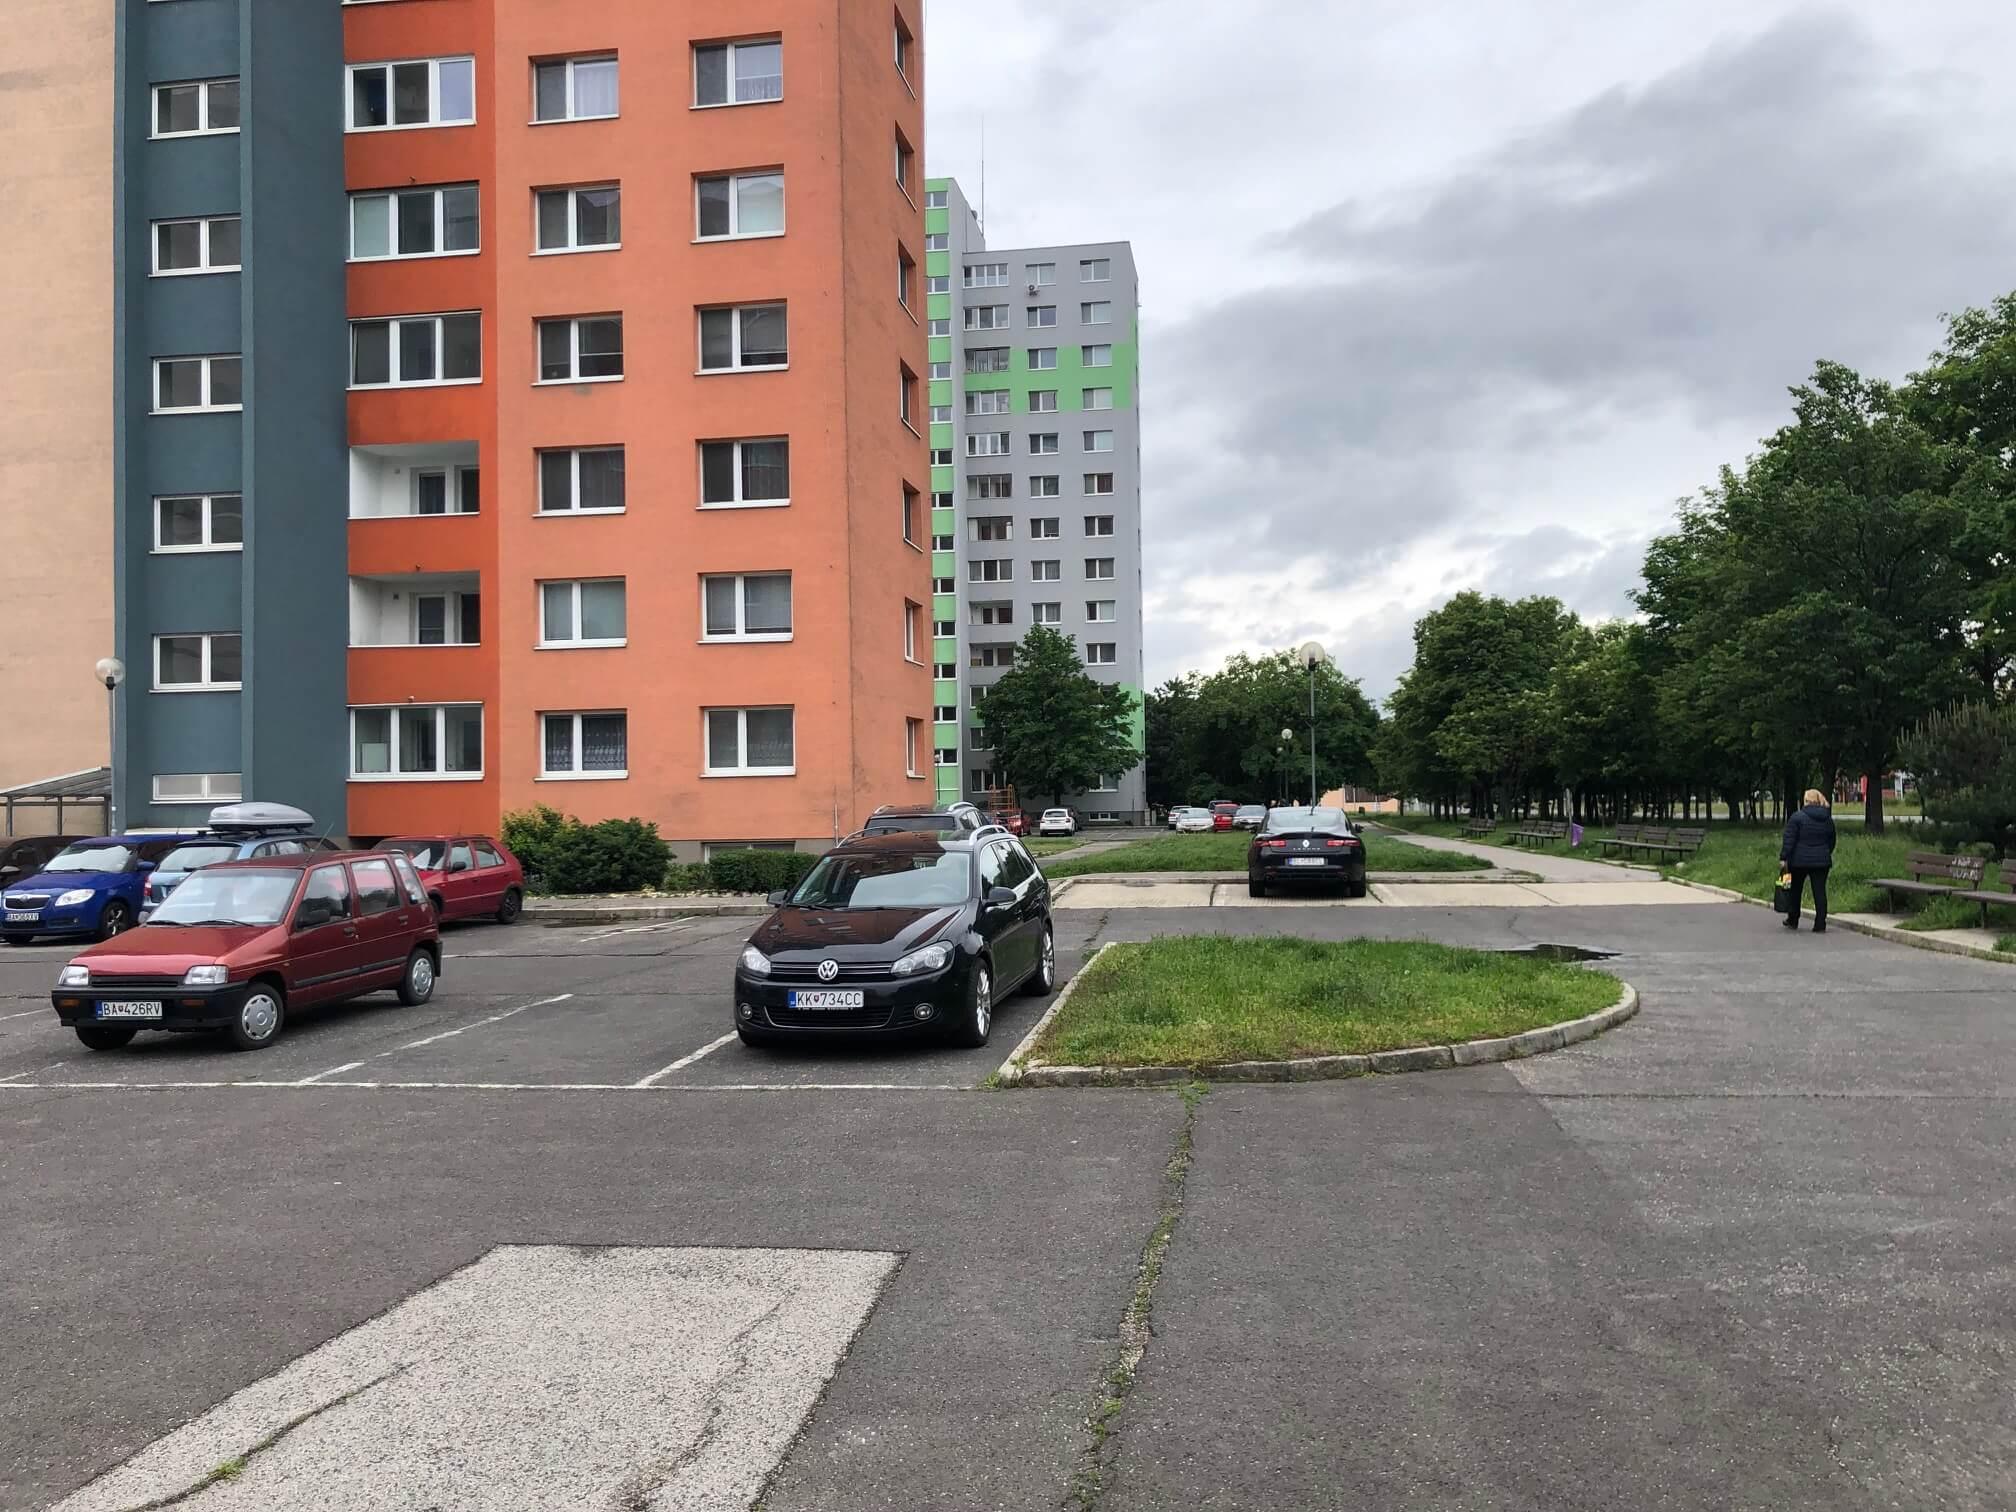 Predaný: 1 izbový byt, Ipeľská, Bratislava, 38m2, nízke náklady, parkovanie, vynikajúca občianska vybavenosť-27